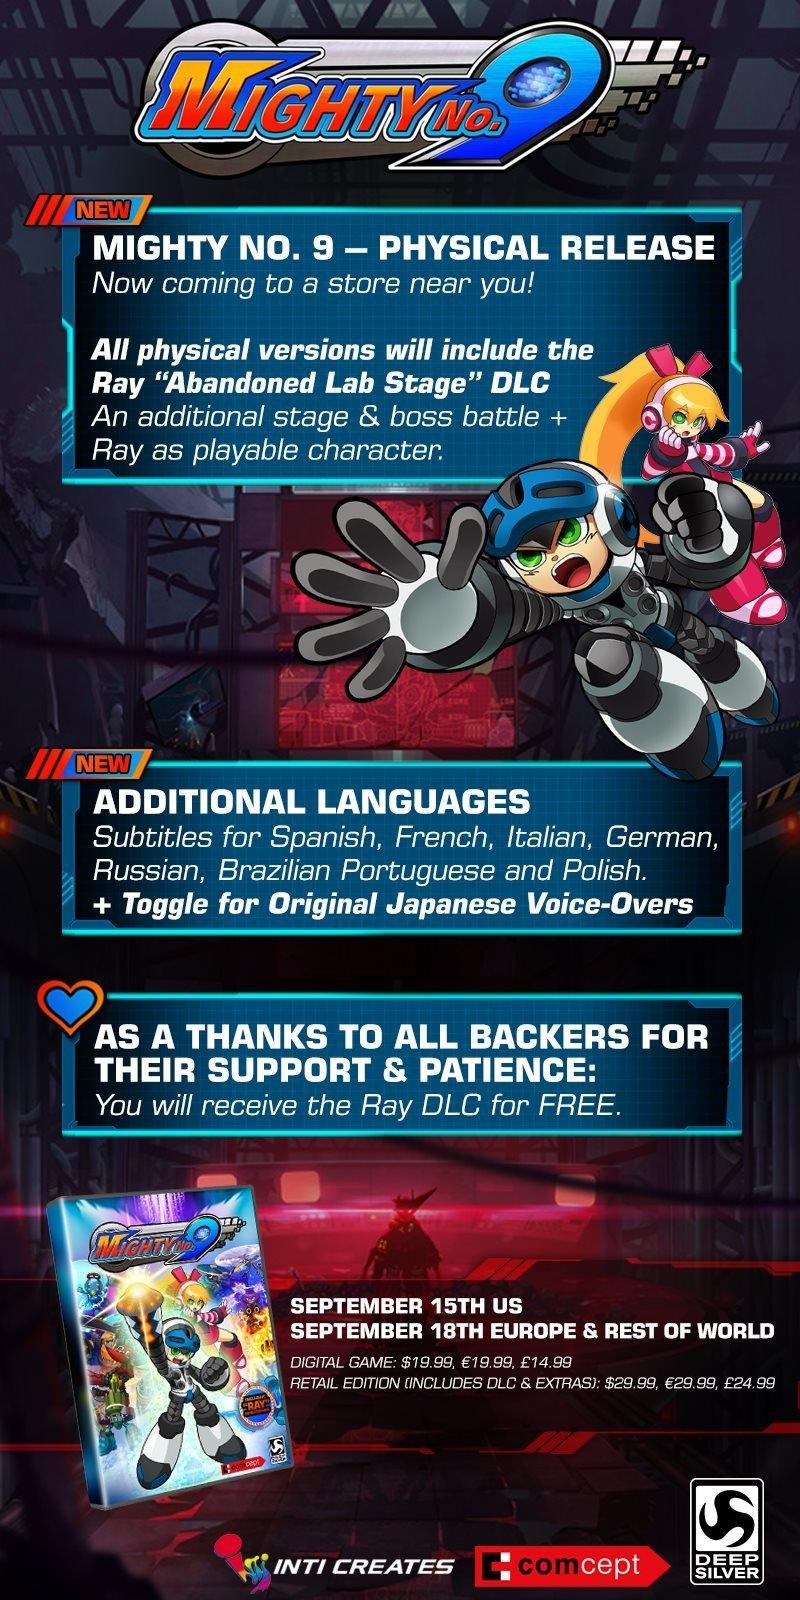 Выход Mighty No. 9 от создателя Mega Man откладывается до сентября - Изображение 1